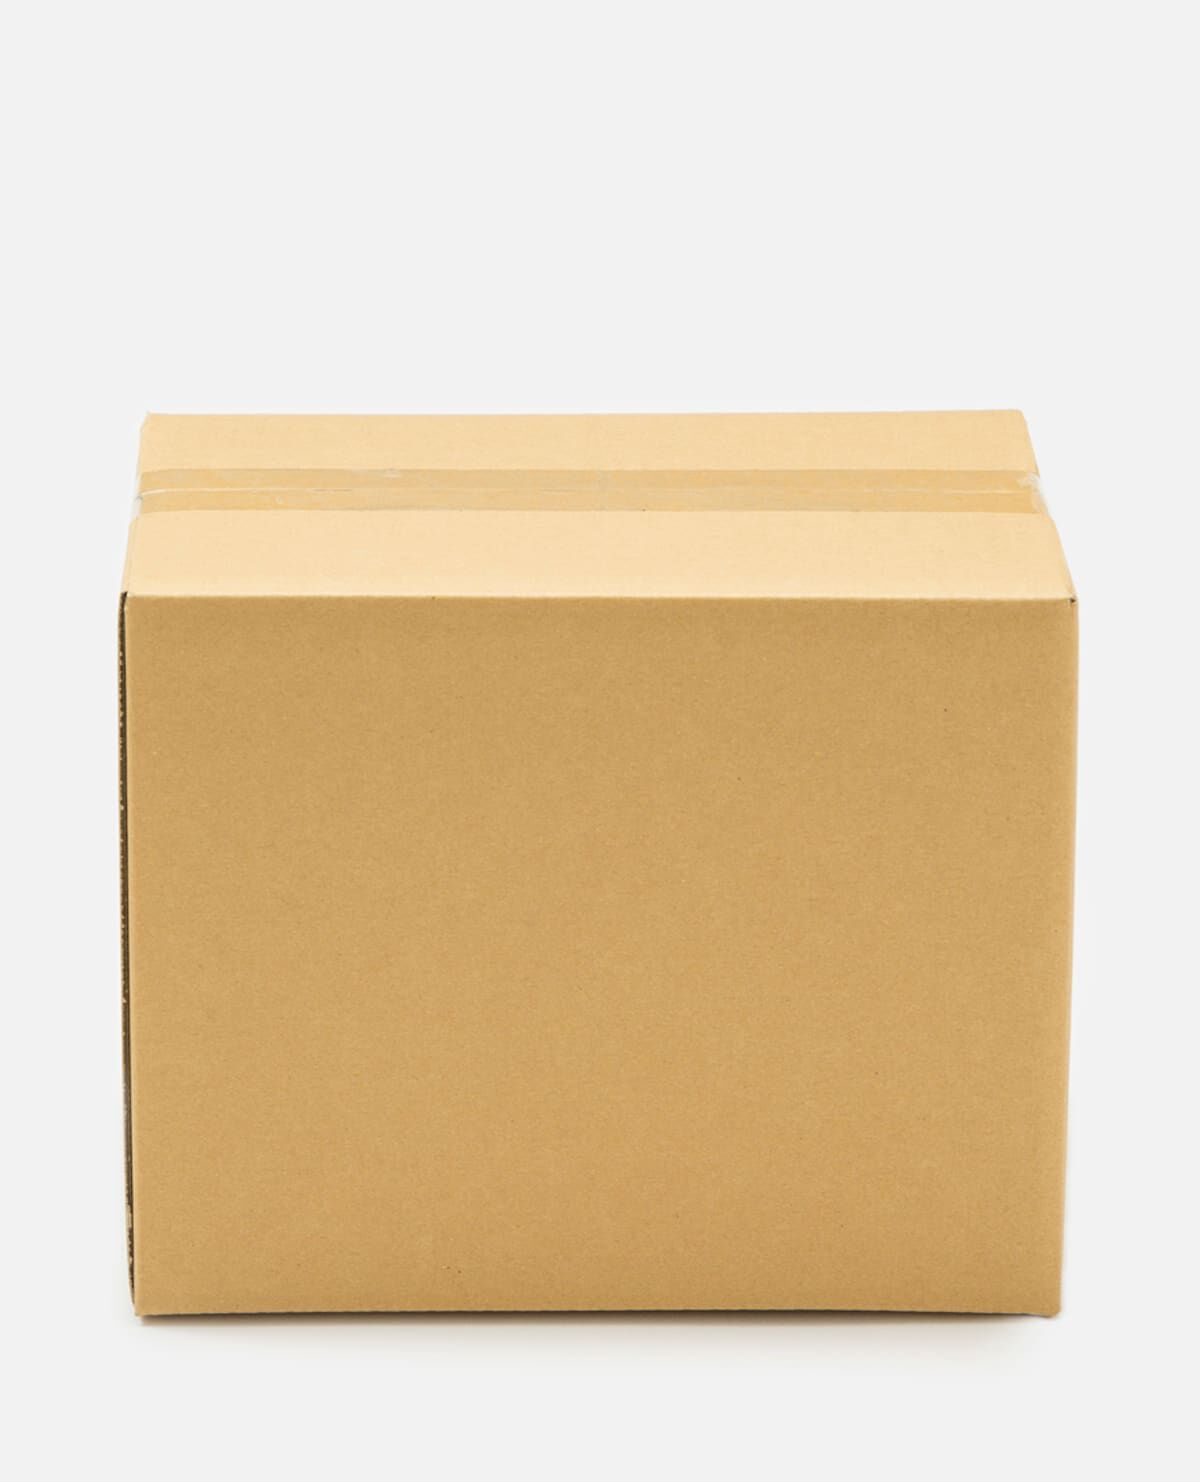 人気3種おつまみセット(厚切りステーキ・サルシッチャ・ブッラータチーズのセット) LIFEのお取り寄せ